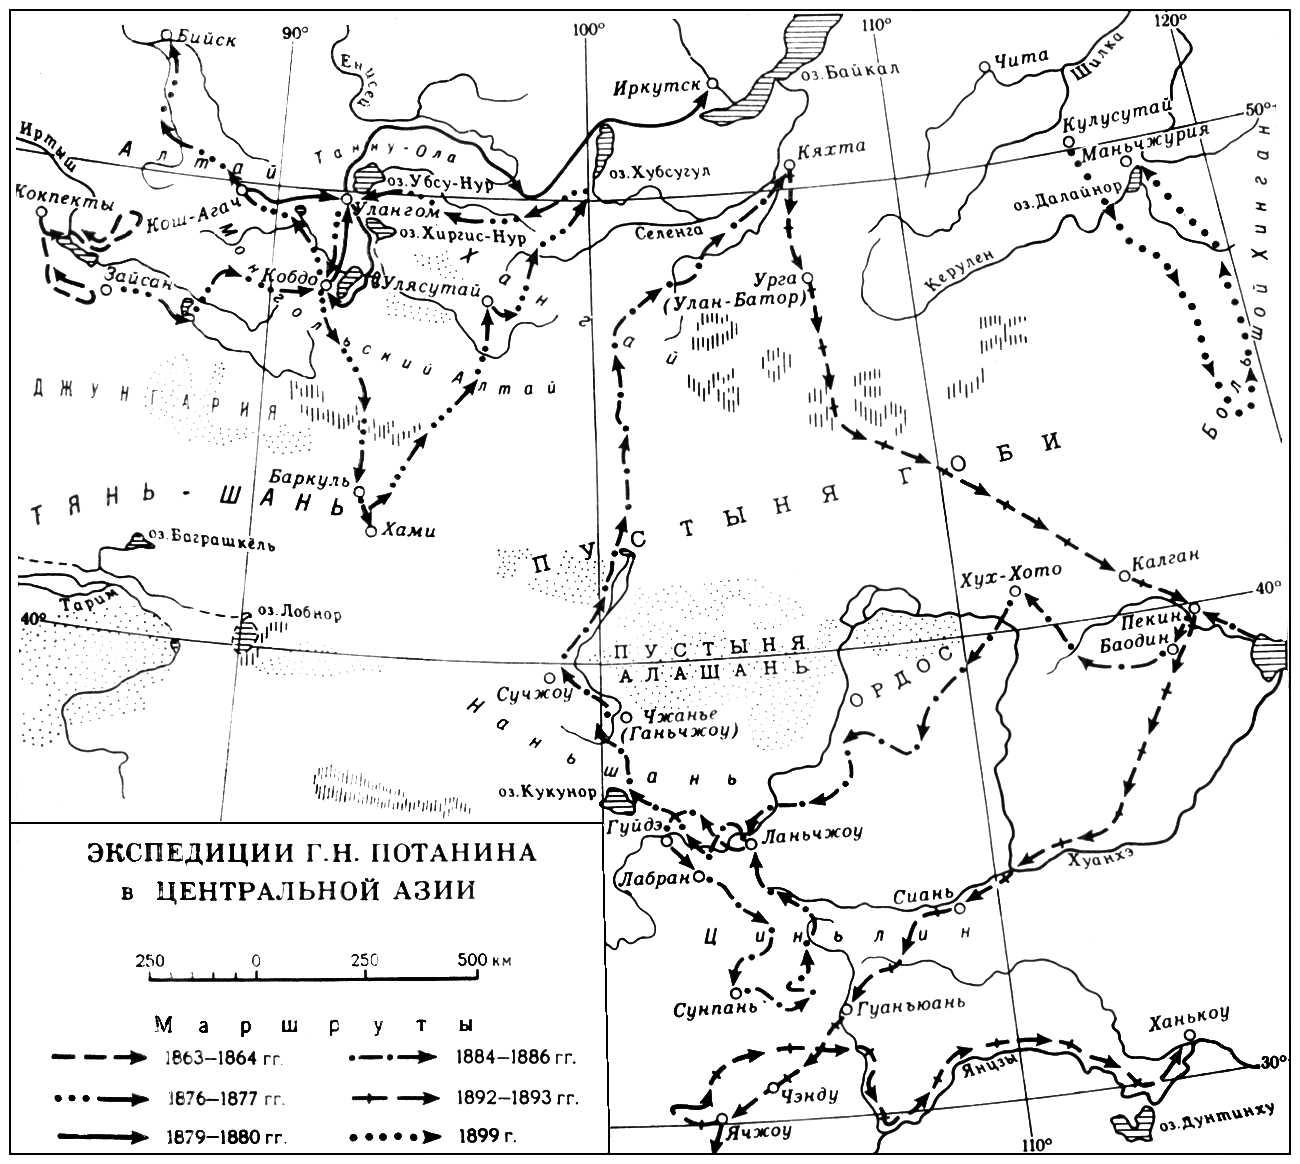 Экспедиции Г. Н. Потанина в Центральной Азии. Потанин Григорий Николаевич.